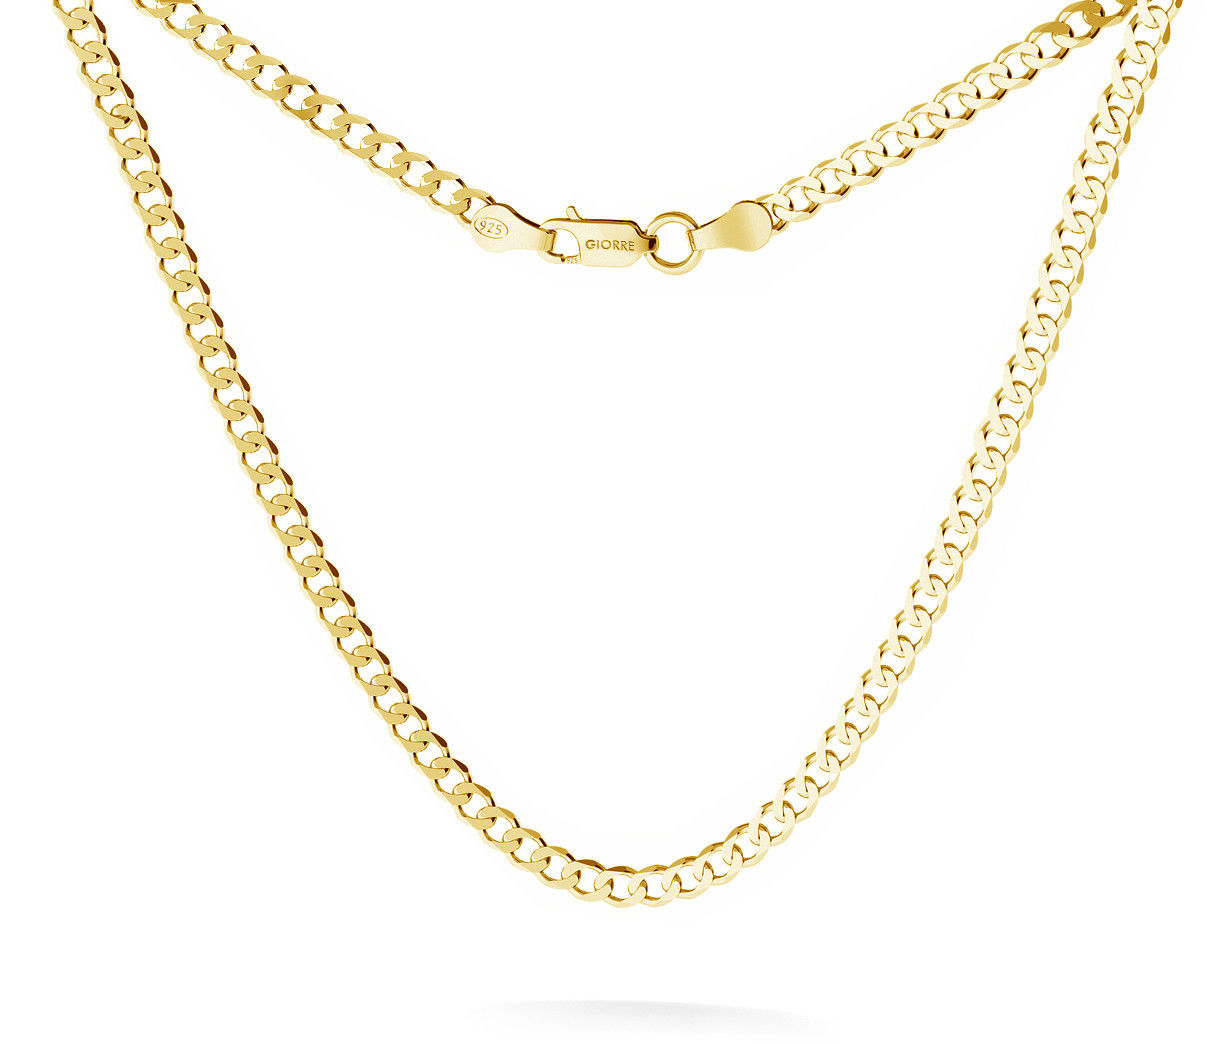 Męski łańcuszek pancerka, srebro 925 : Długość (cm) - 55, Srebro - kolor pokrycia - Pokrycie żółtym 18K złotem